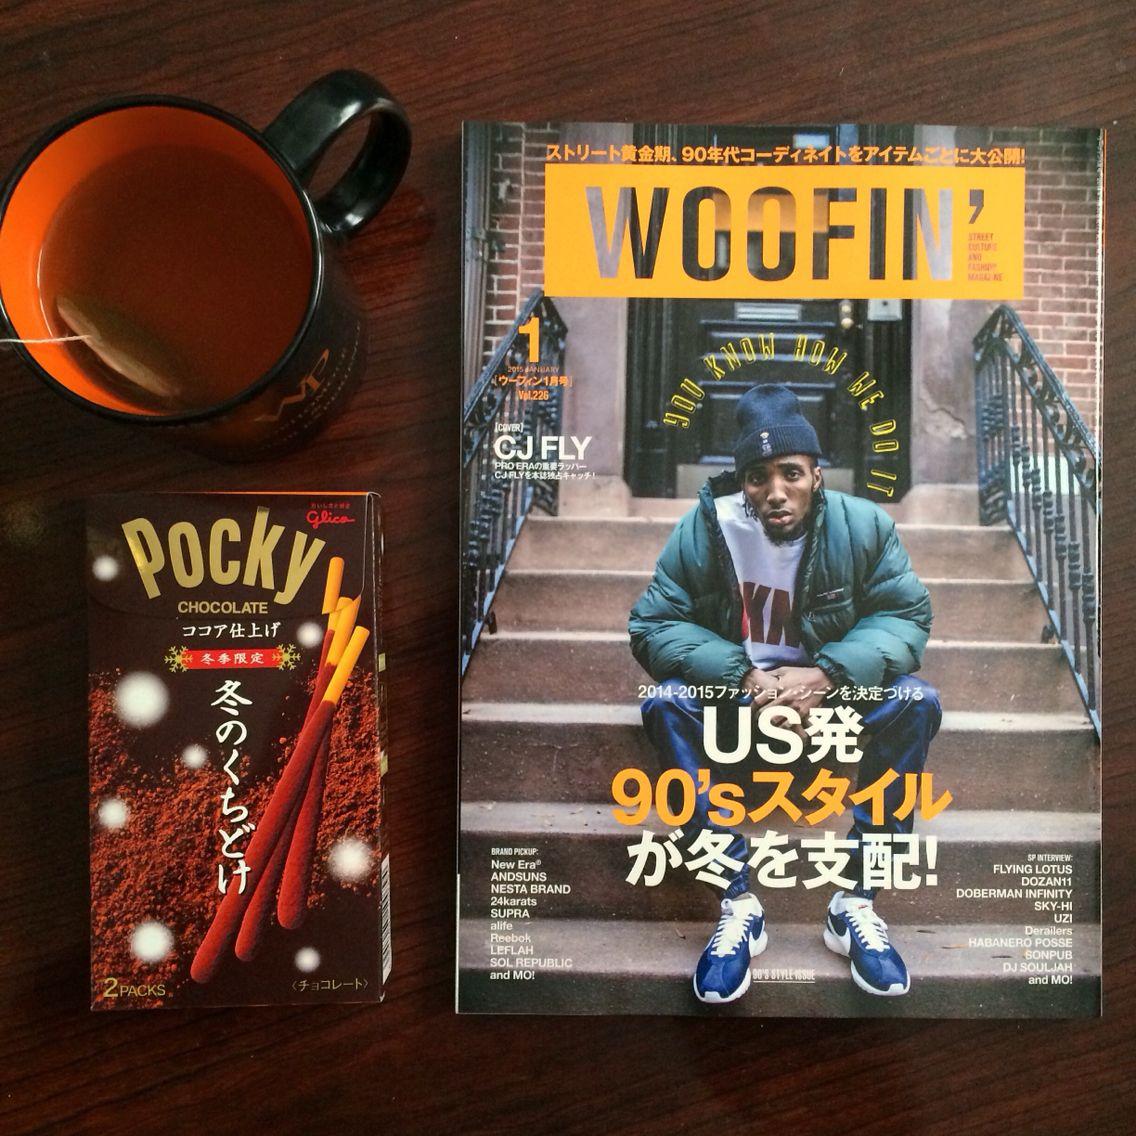 #煎茶 #woofin #ポッキー